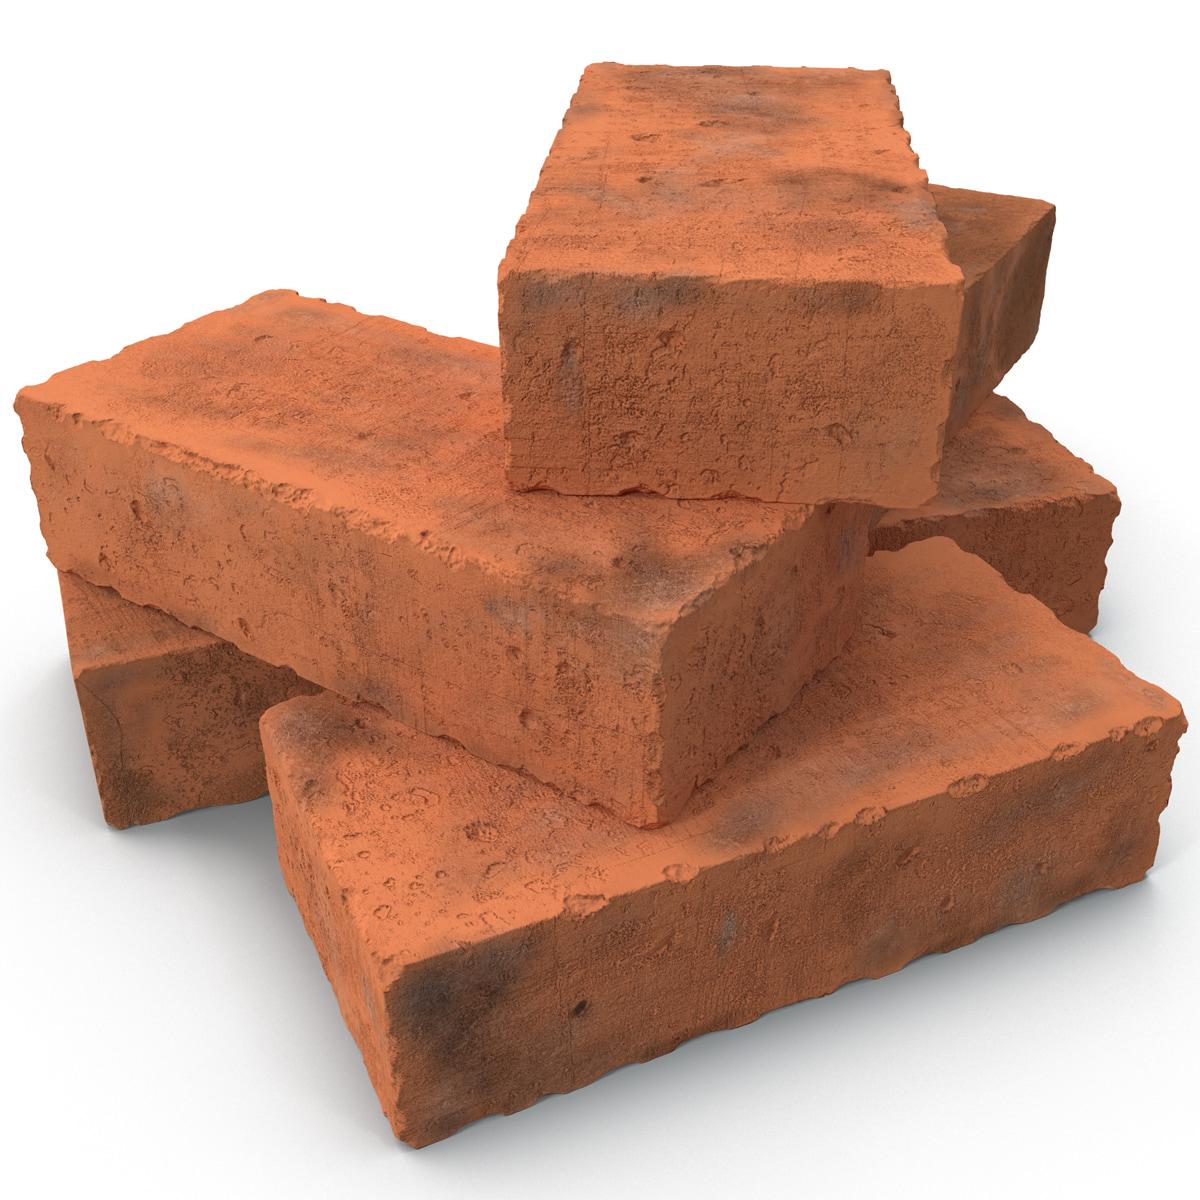 Bricks_007.jpg